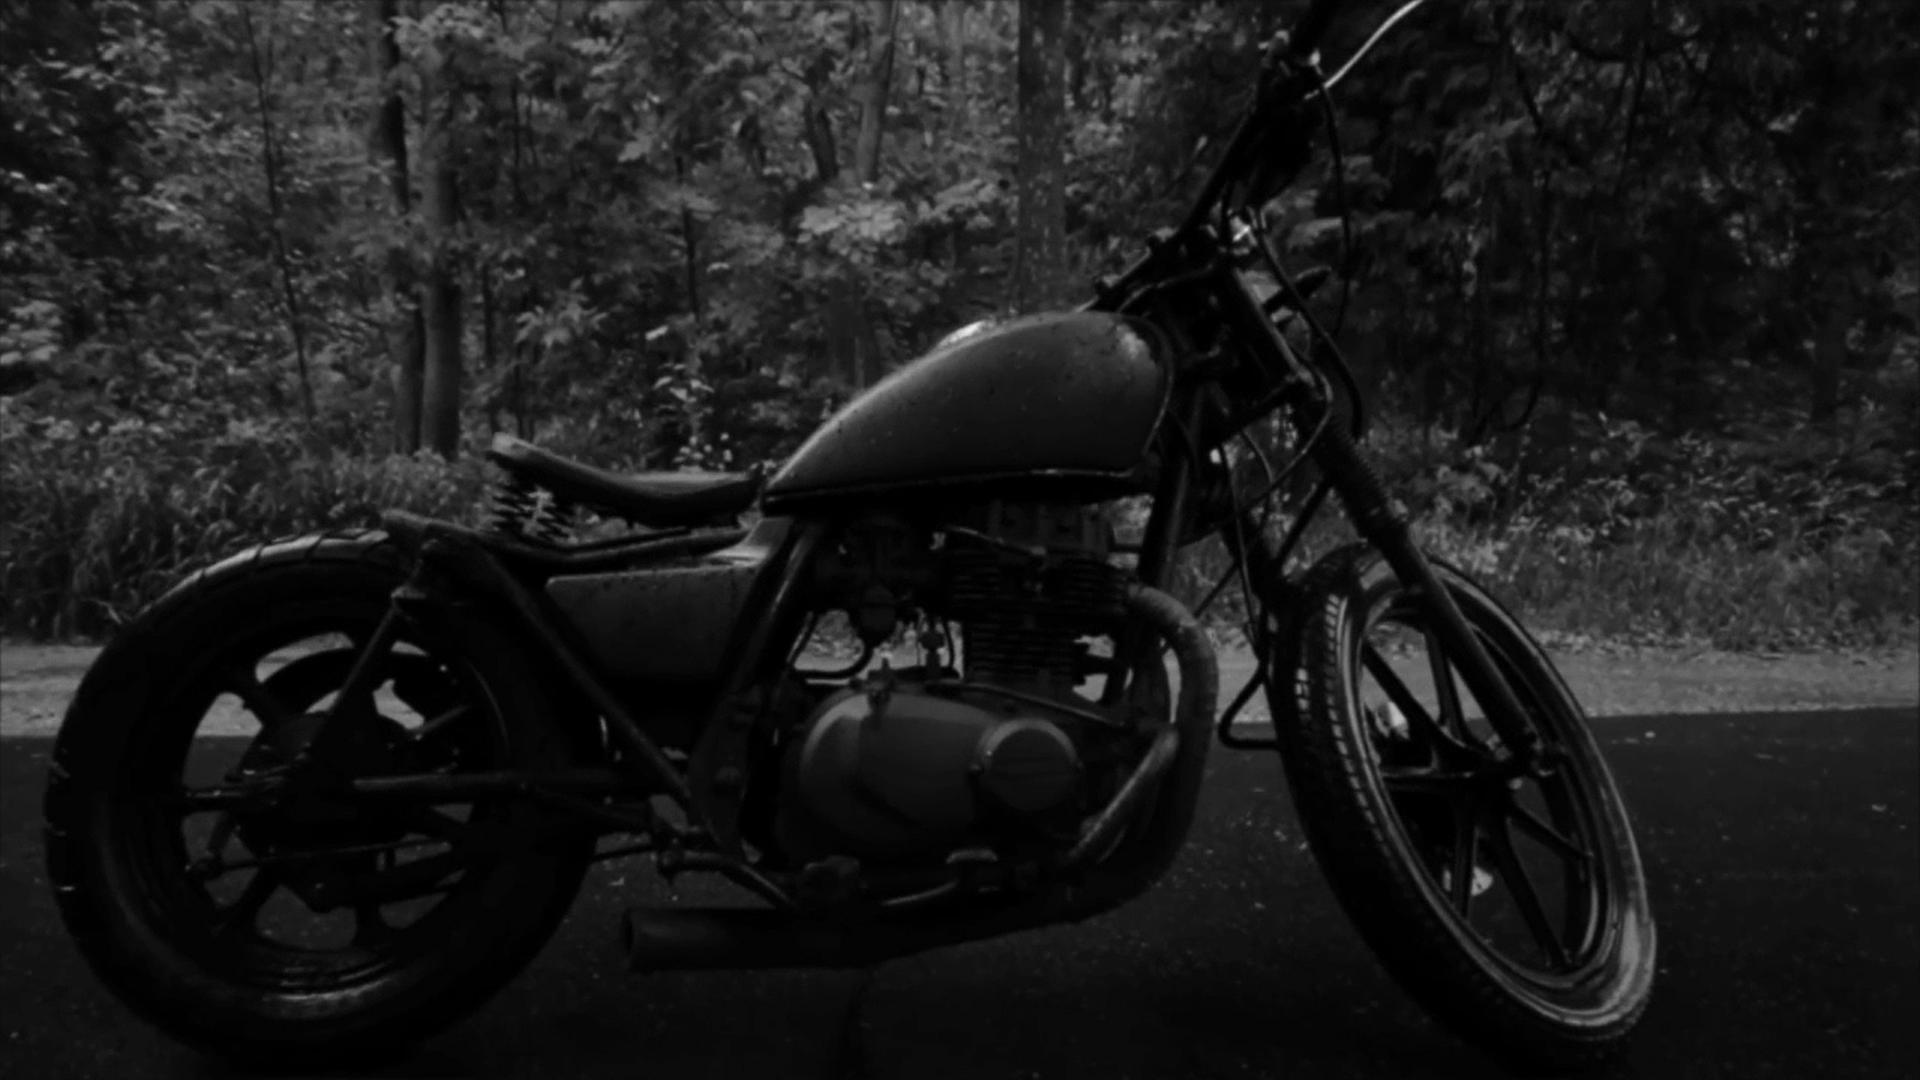 【情報解禁】4月説明会-バイク王の説明会の特徴-